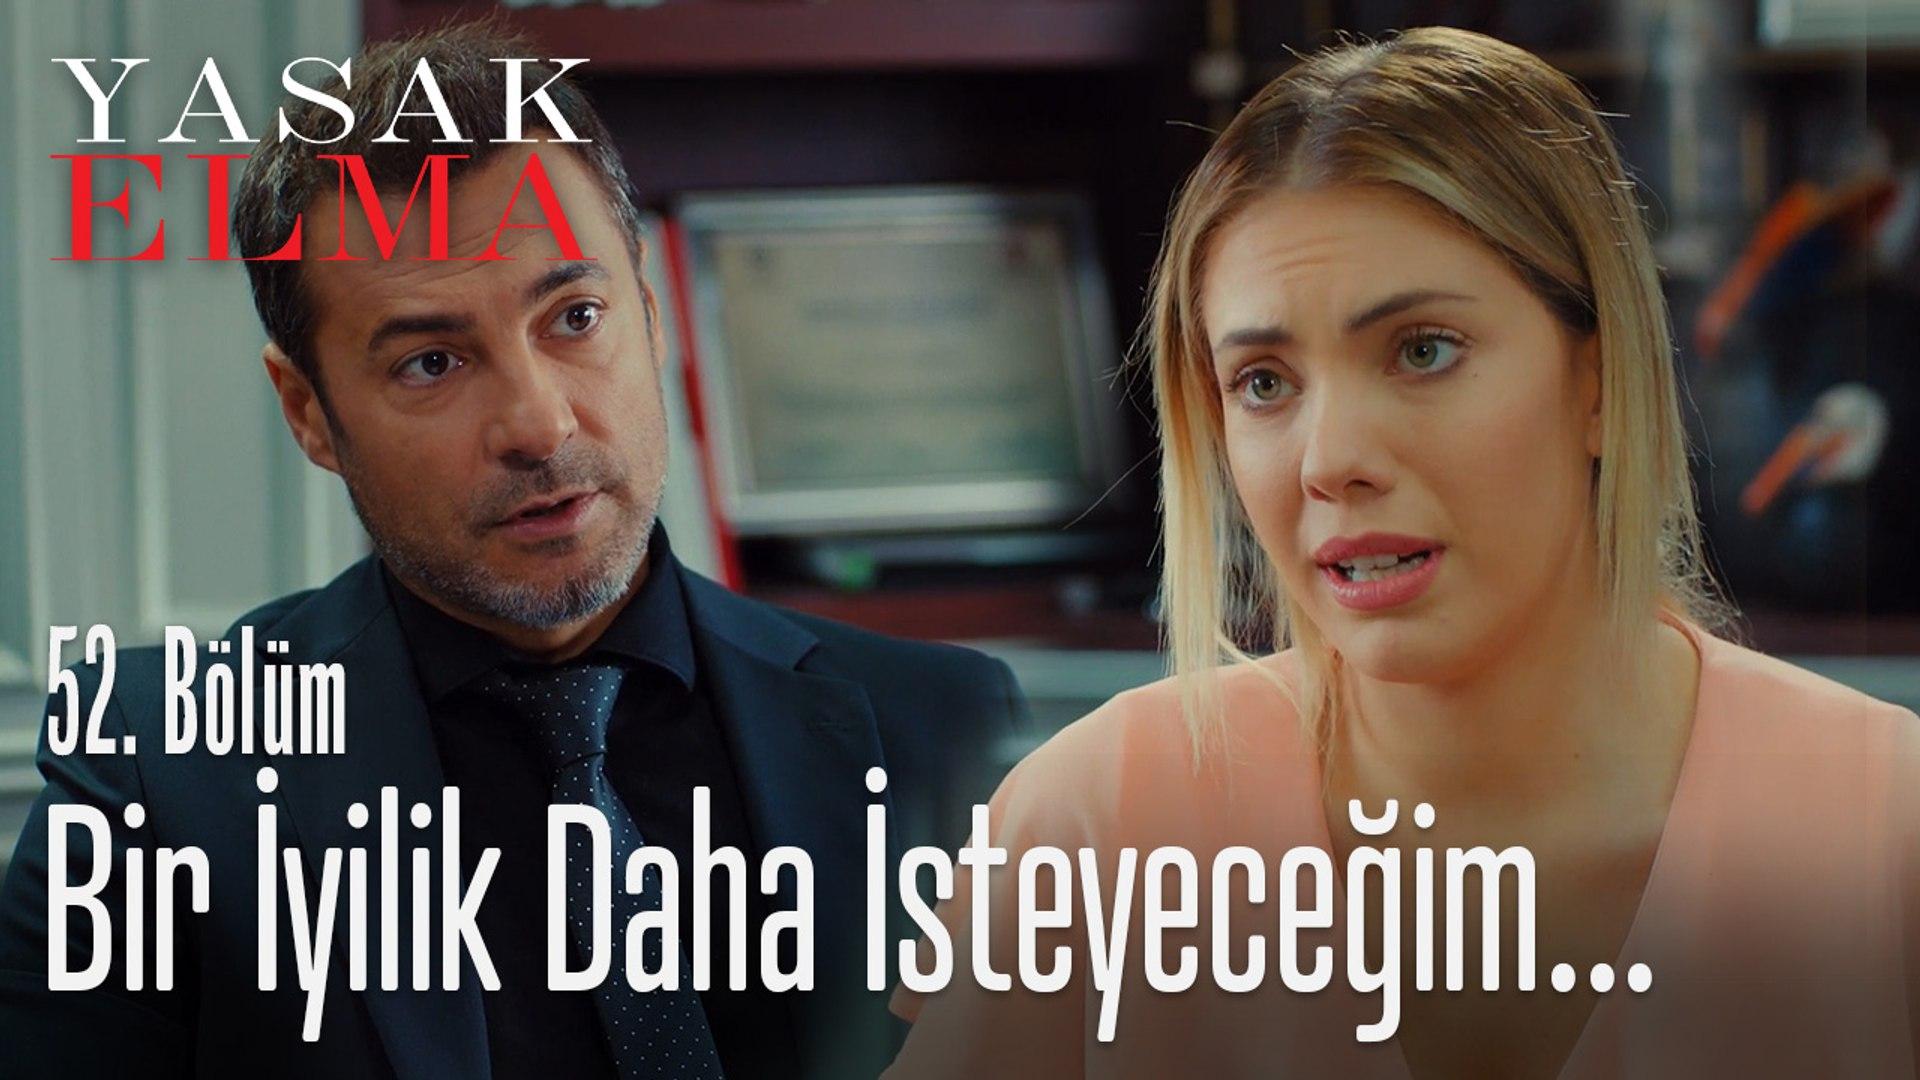 Yıldız, Kaya'dan yardım istiyor - Yasak Elma 52. Bölüm